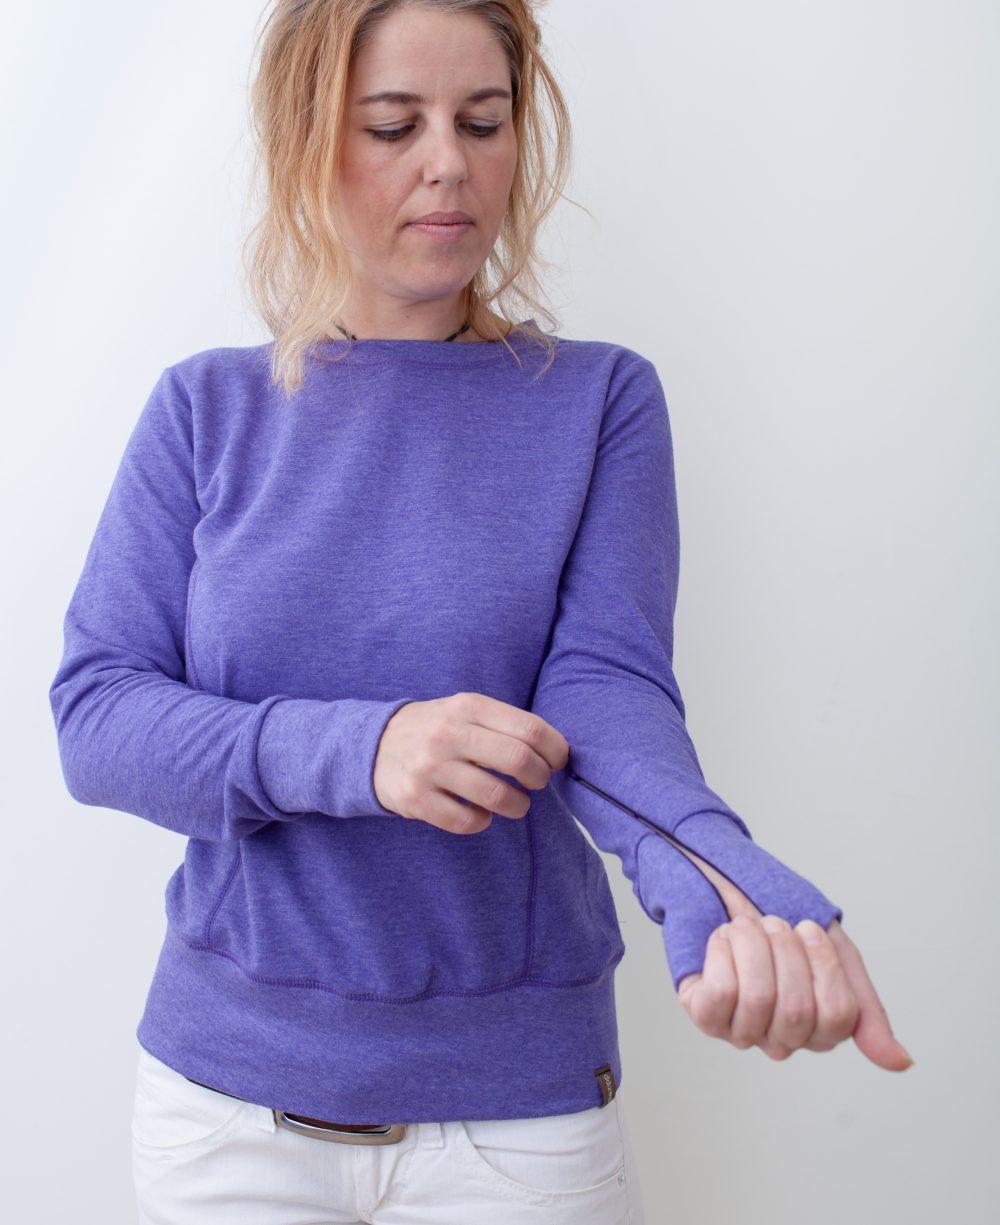 lila-damen-pullover-für-dialysepatienten-mit-individuellem-reißverschluss-diazipp